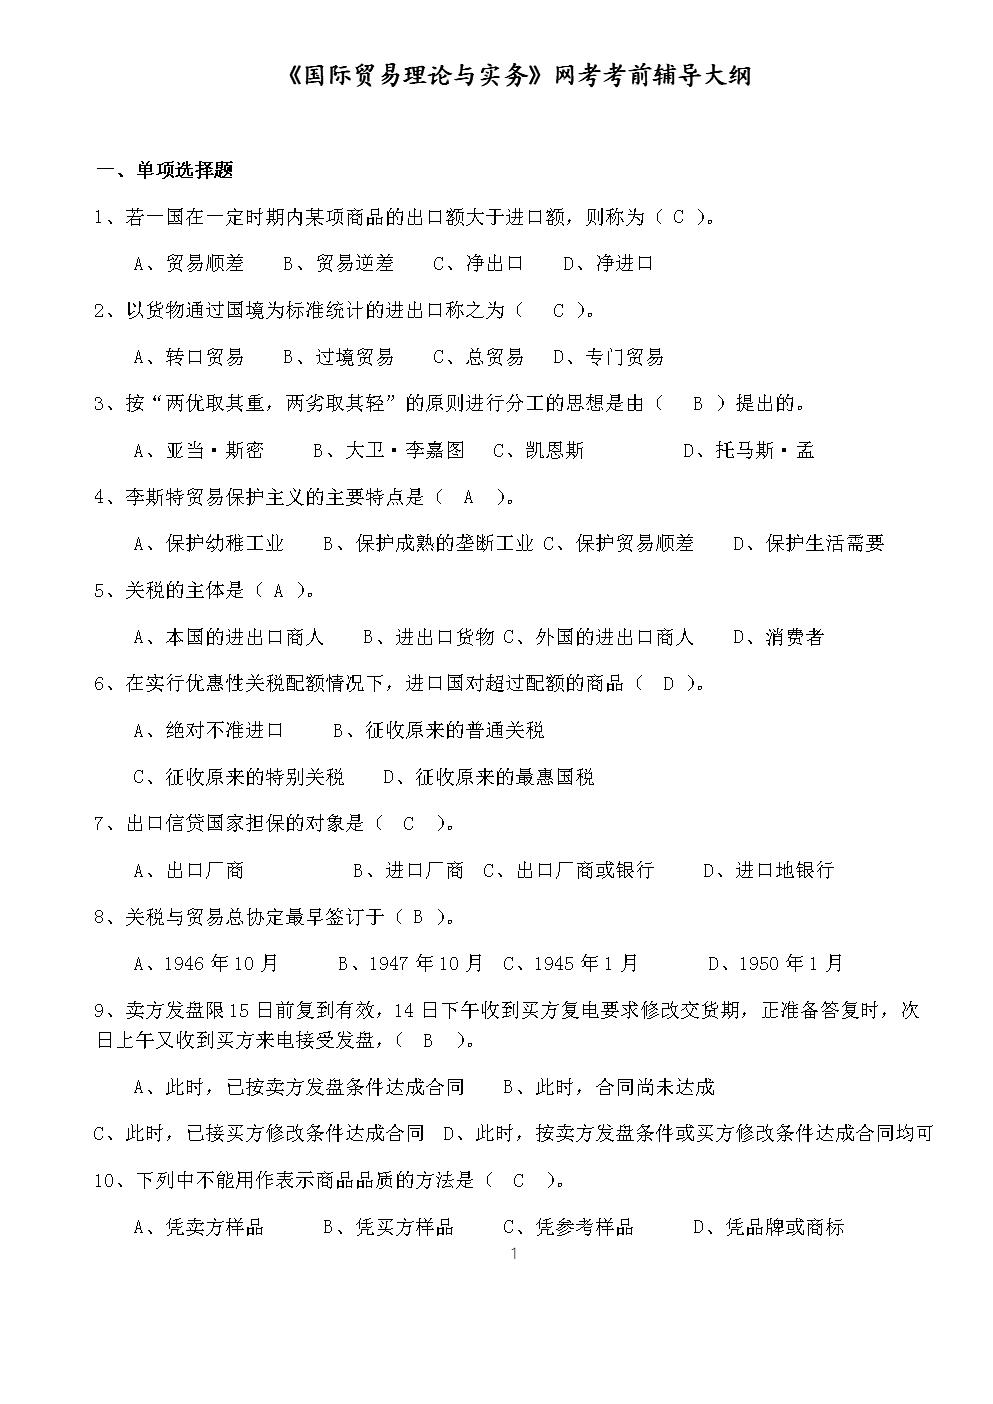 福师大2020年8月网考《国际贸易理论与实务》辅导资料.docx